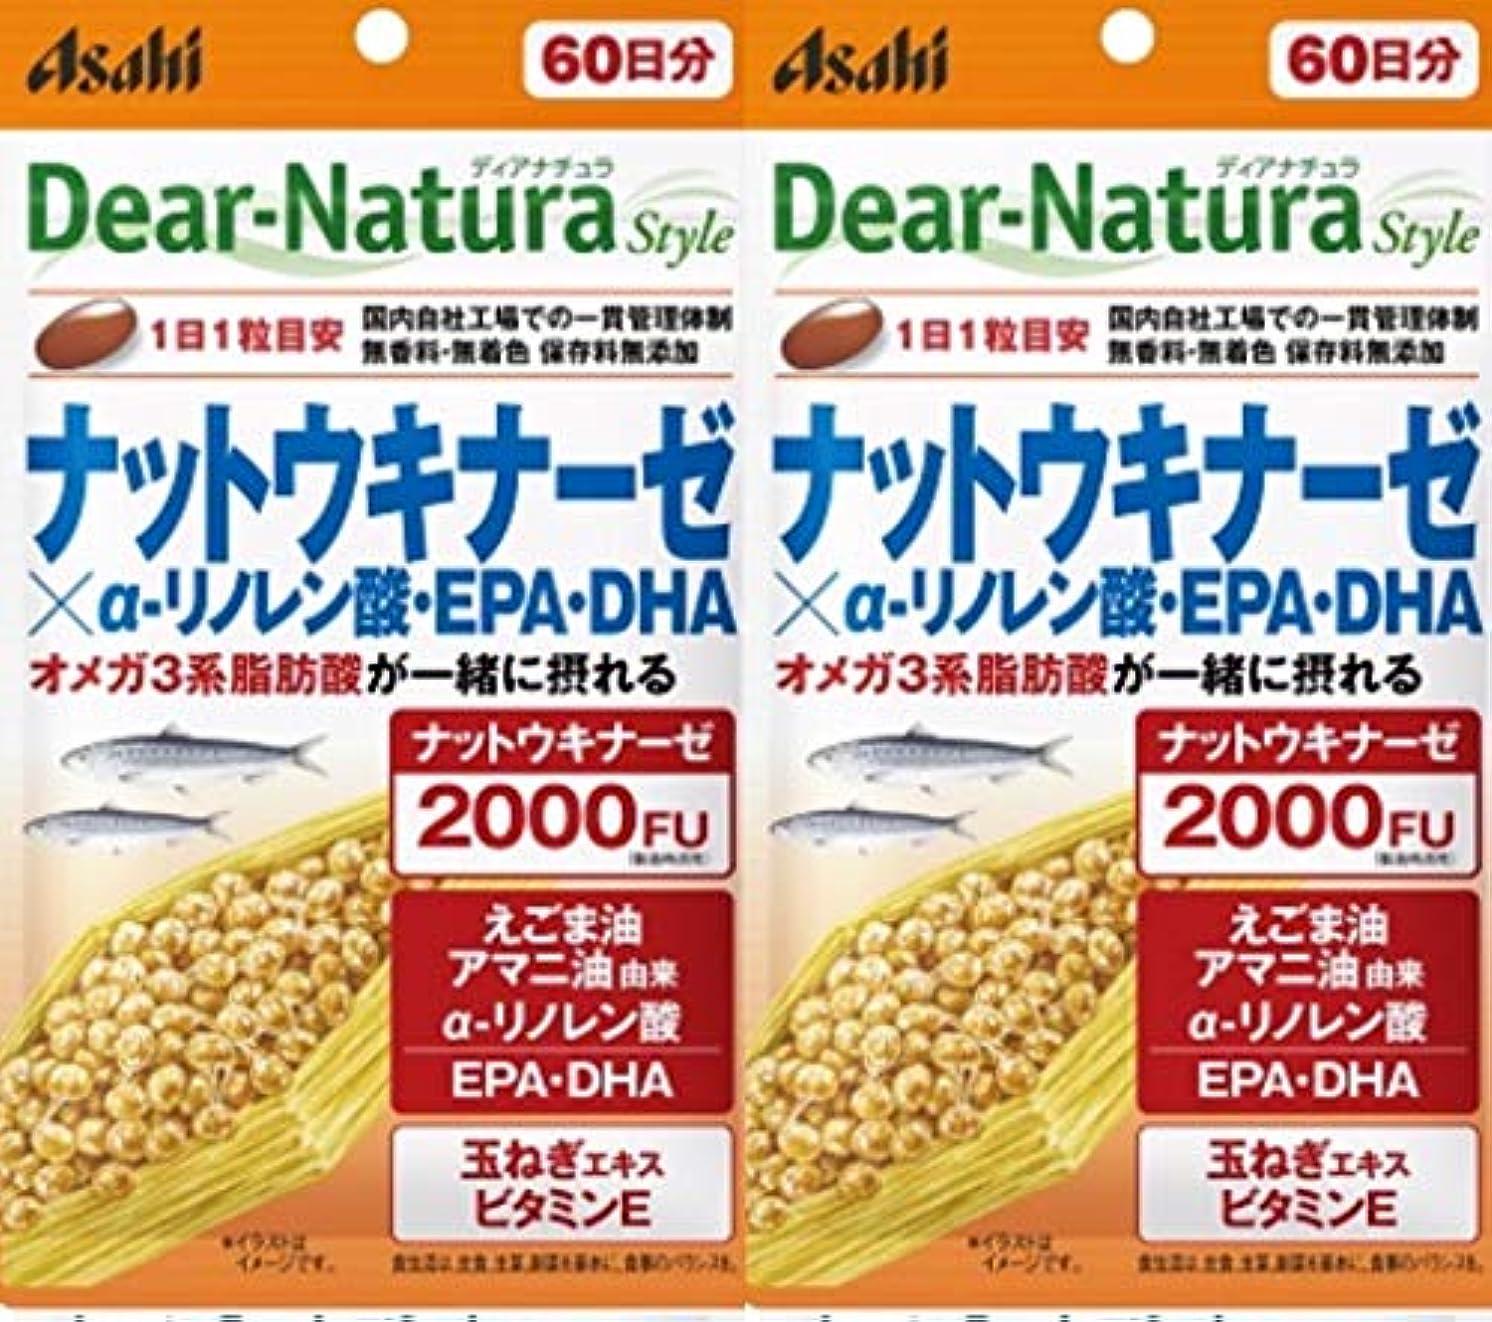 罰する郵便物爆弾【2個】ディアナチュラ ナットウキナーゼ×α-リノレン酸?EPA?DHA